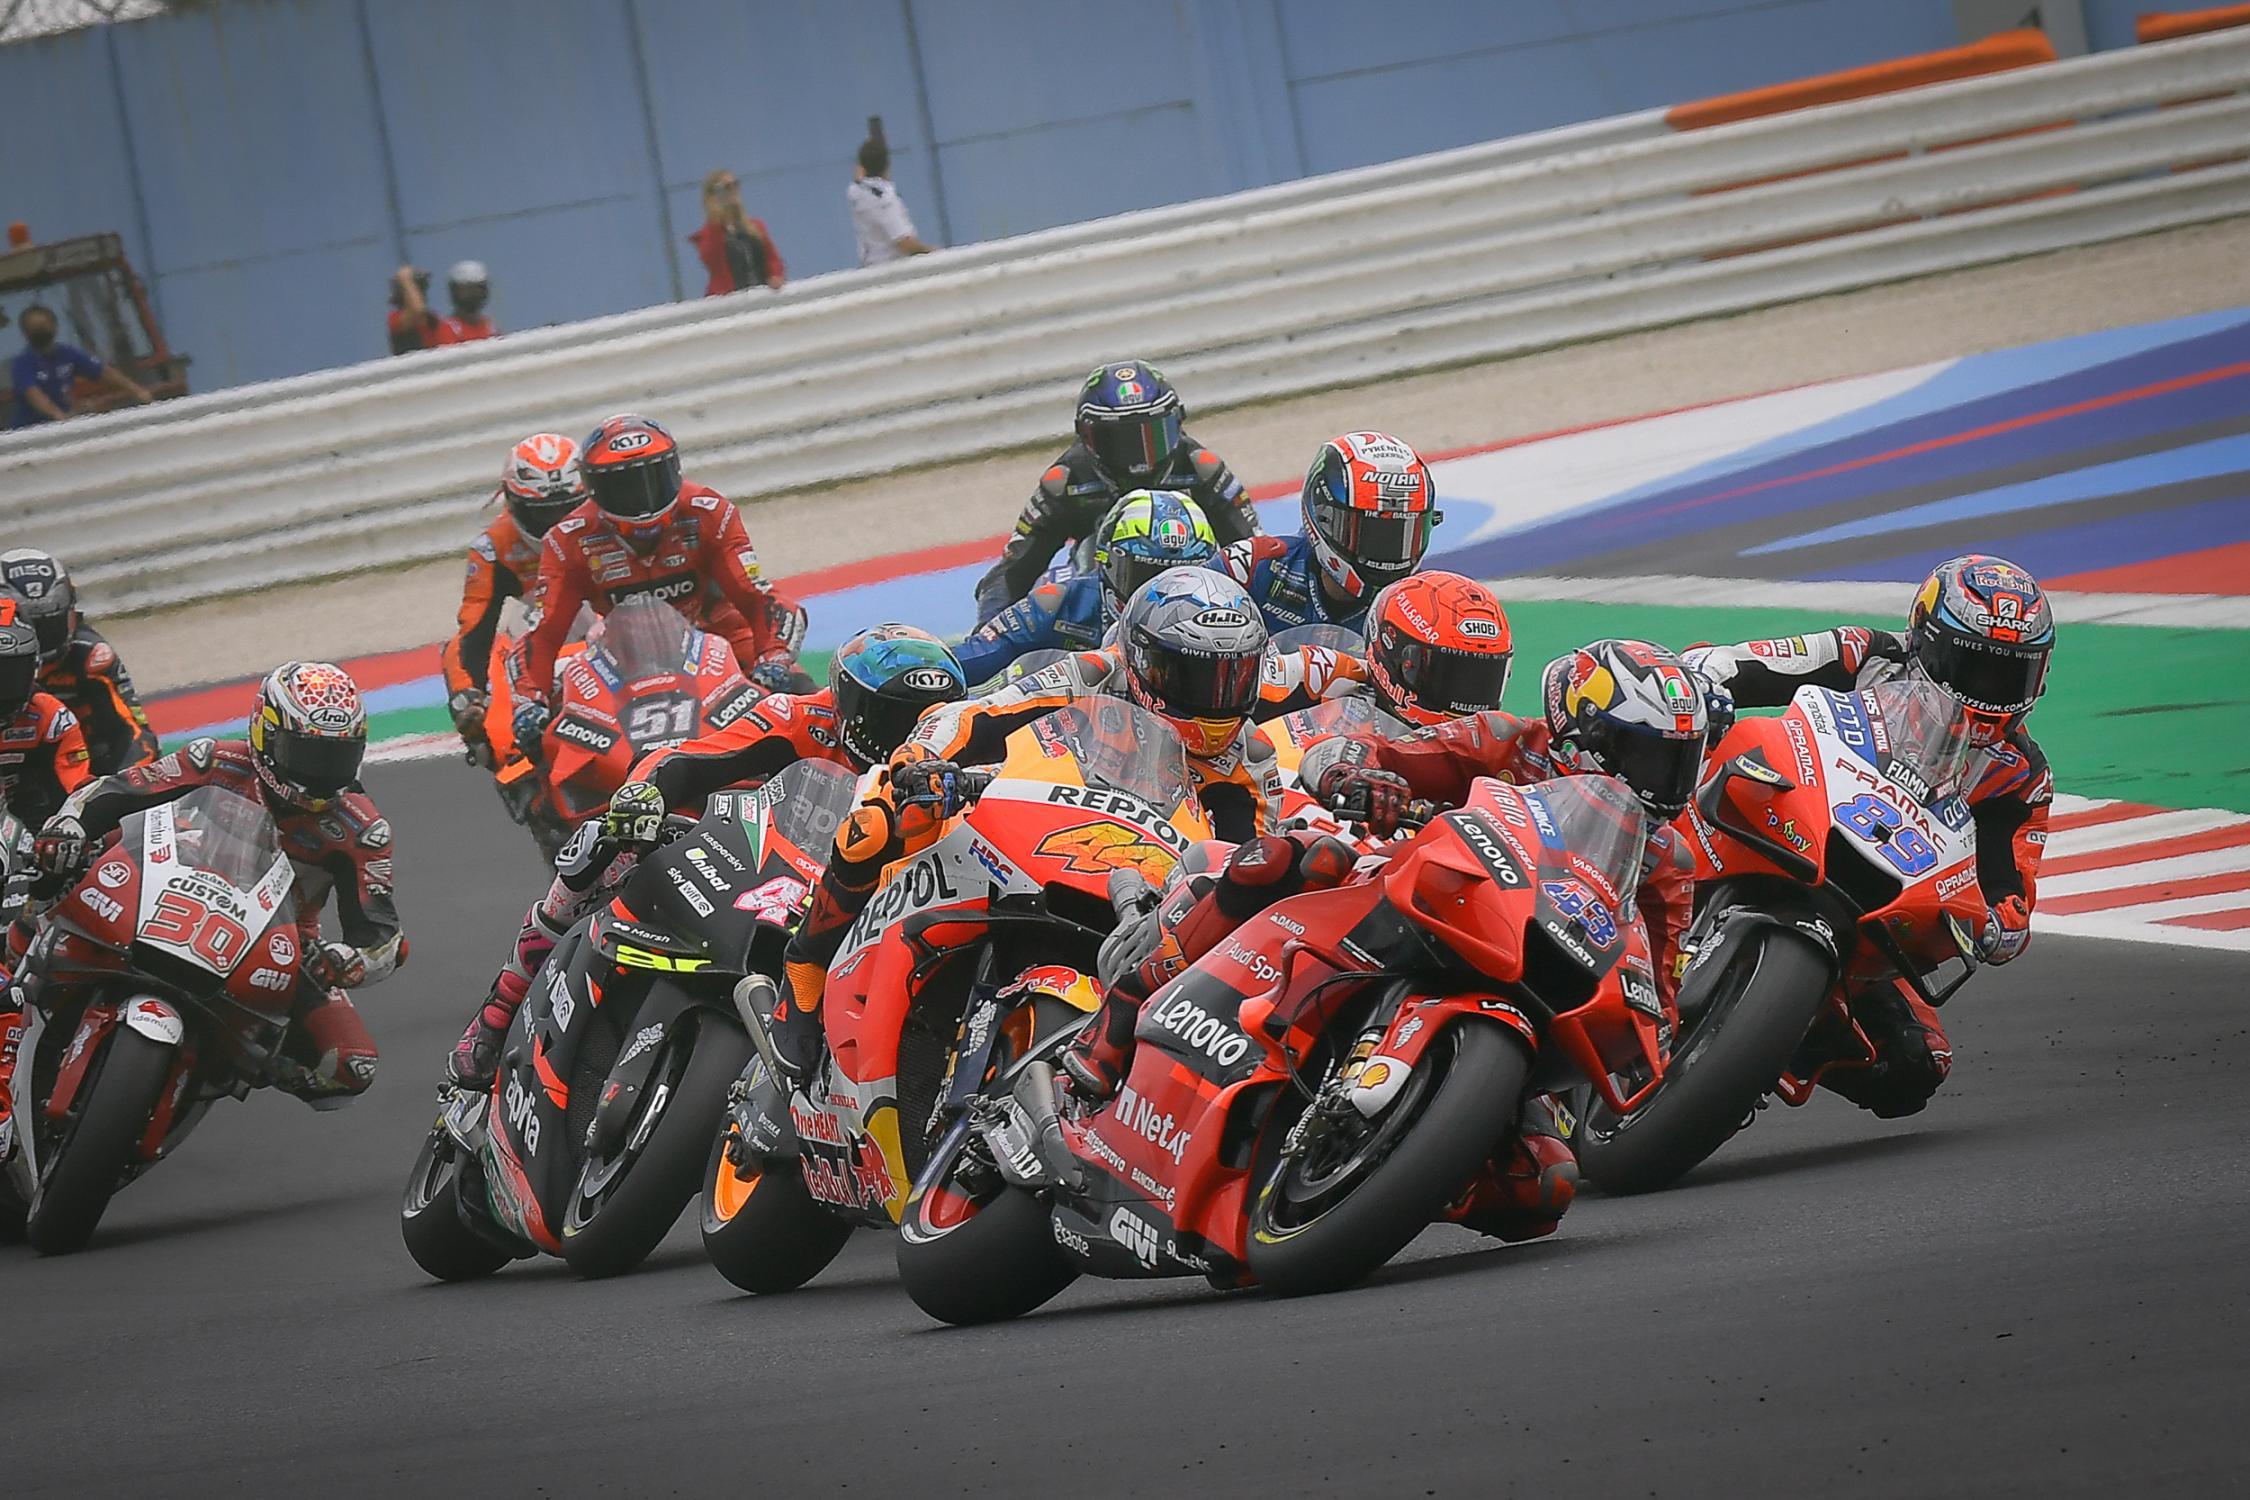 Svelato il calendario provvisorio di MotoGP 2022.